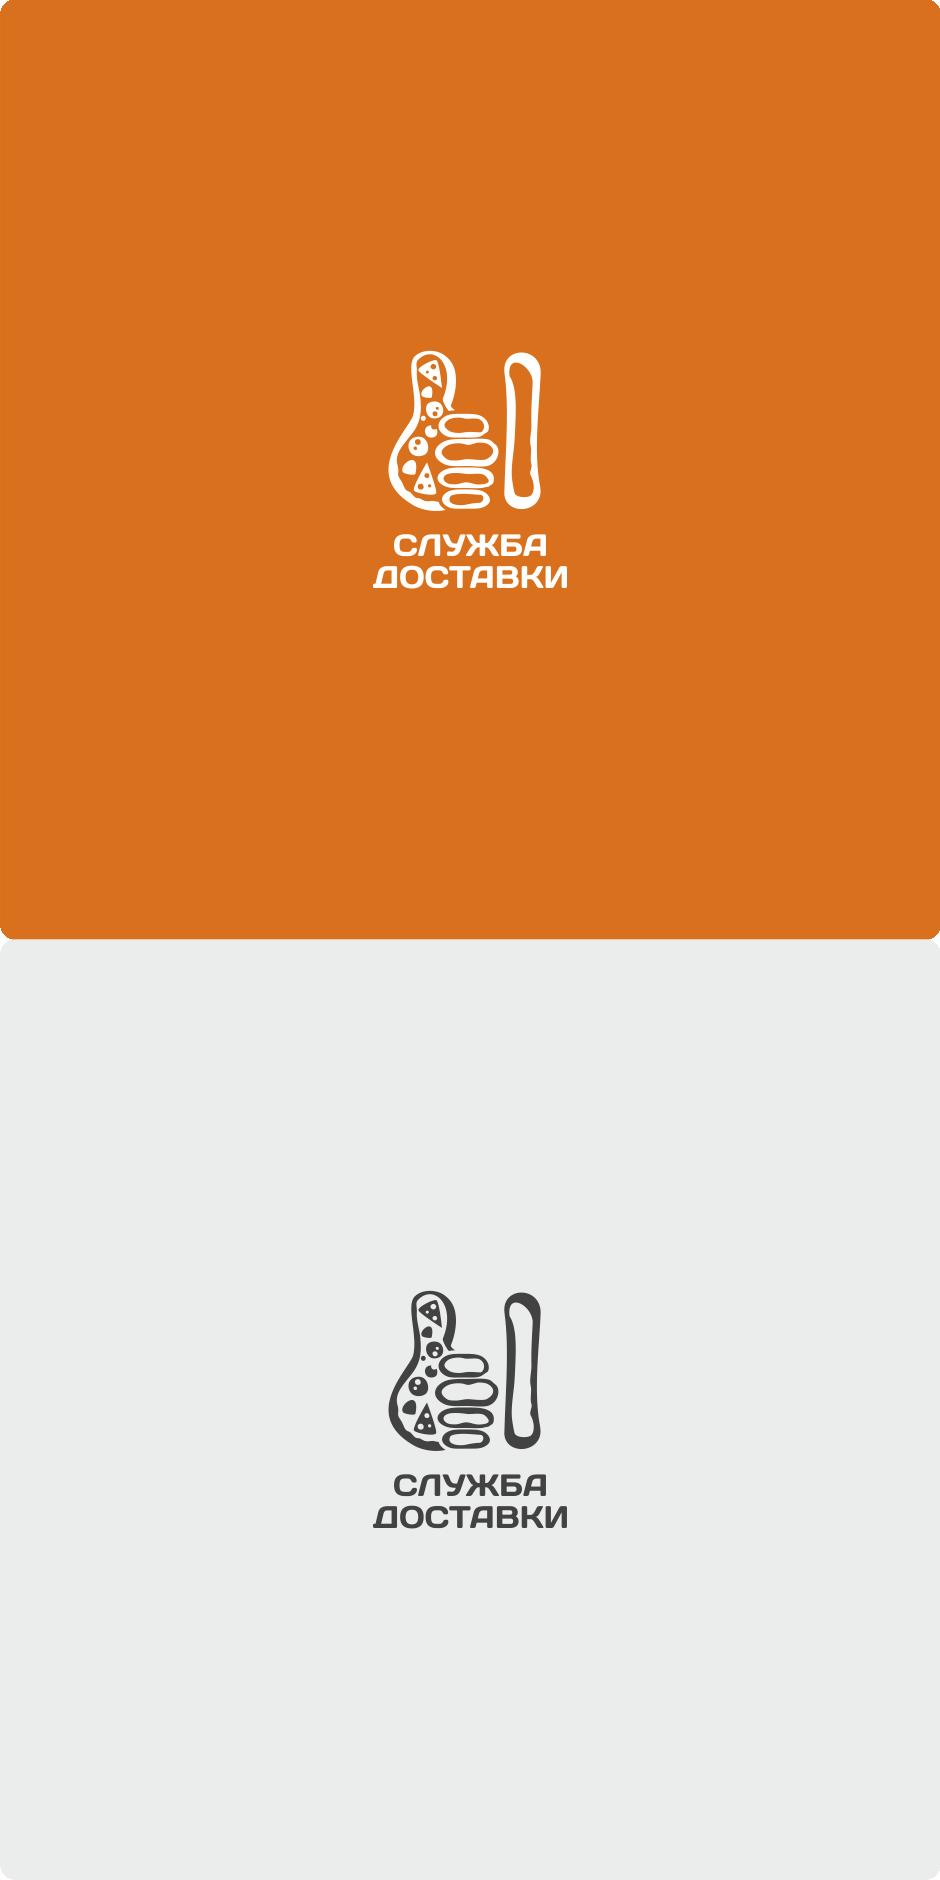 Разыскивается дизайнер для разработки лого службы доставки фото f_0455c39fe7ce8e7a.png